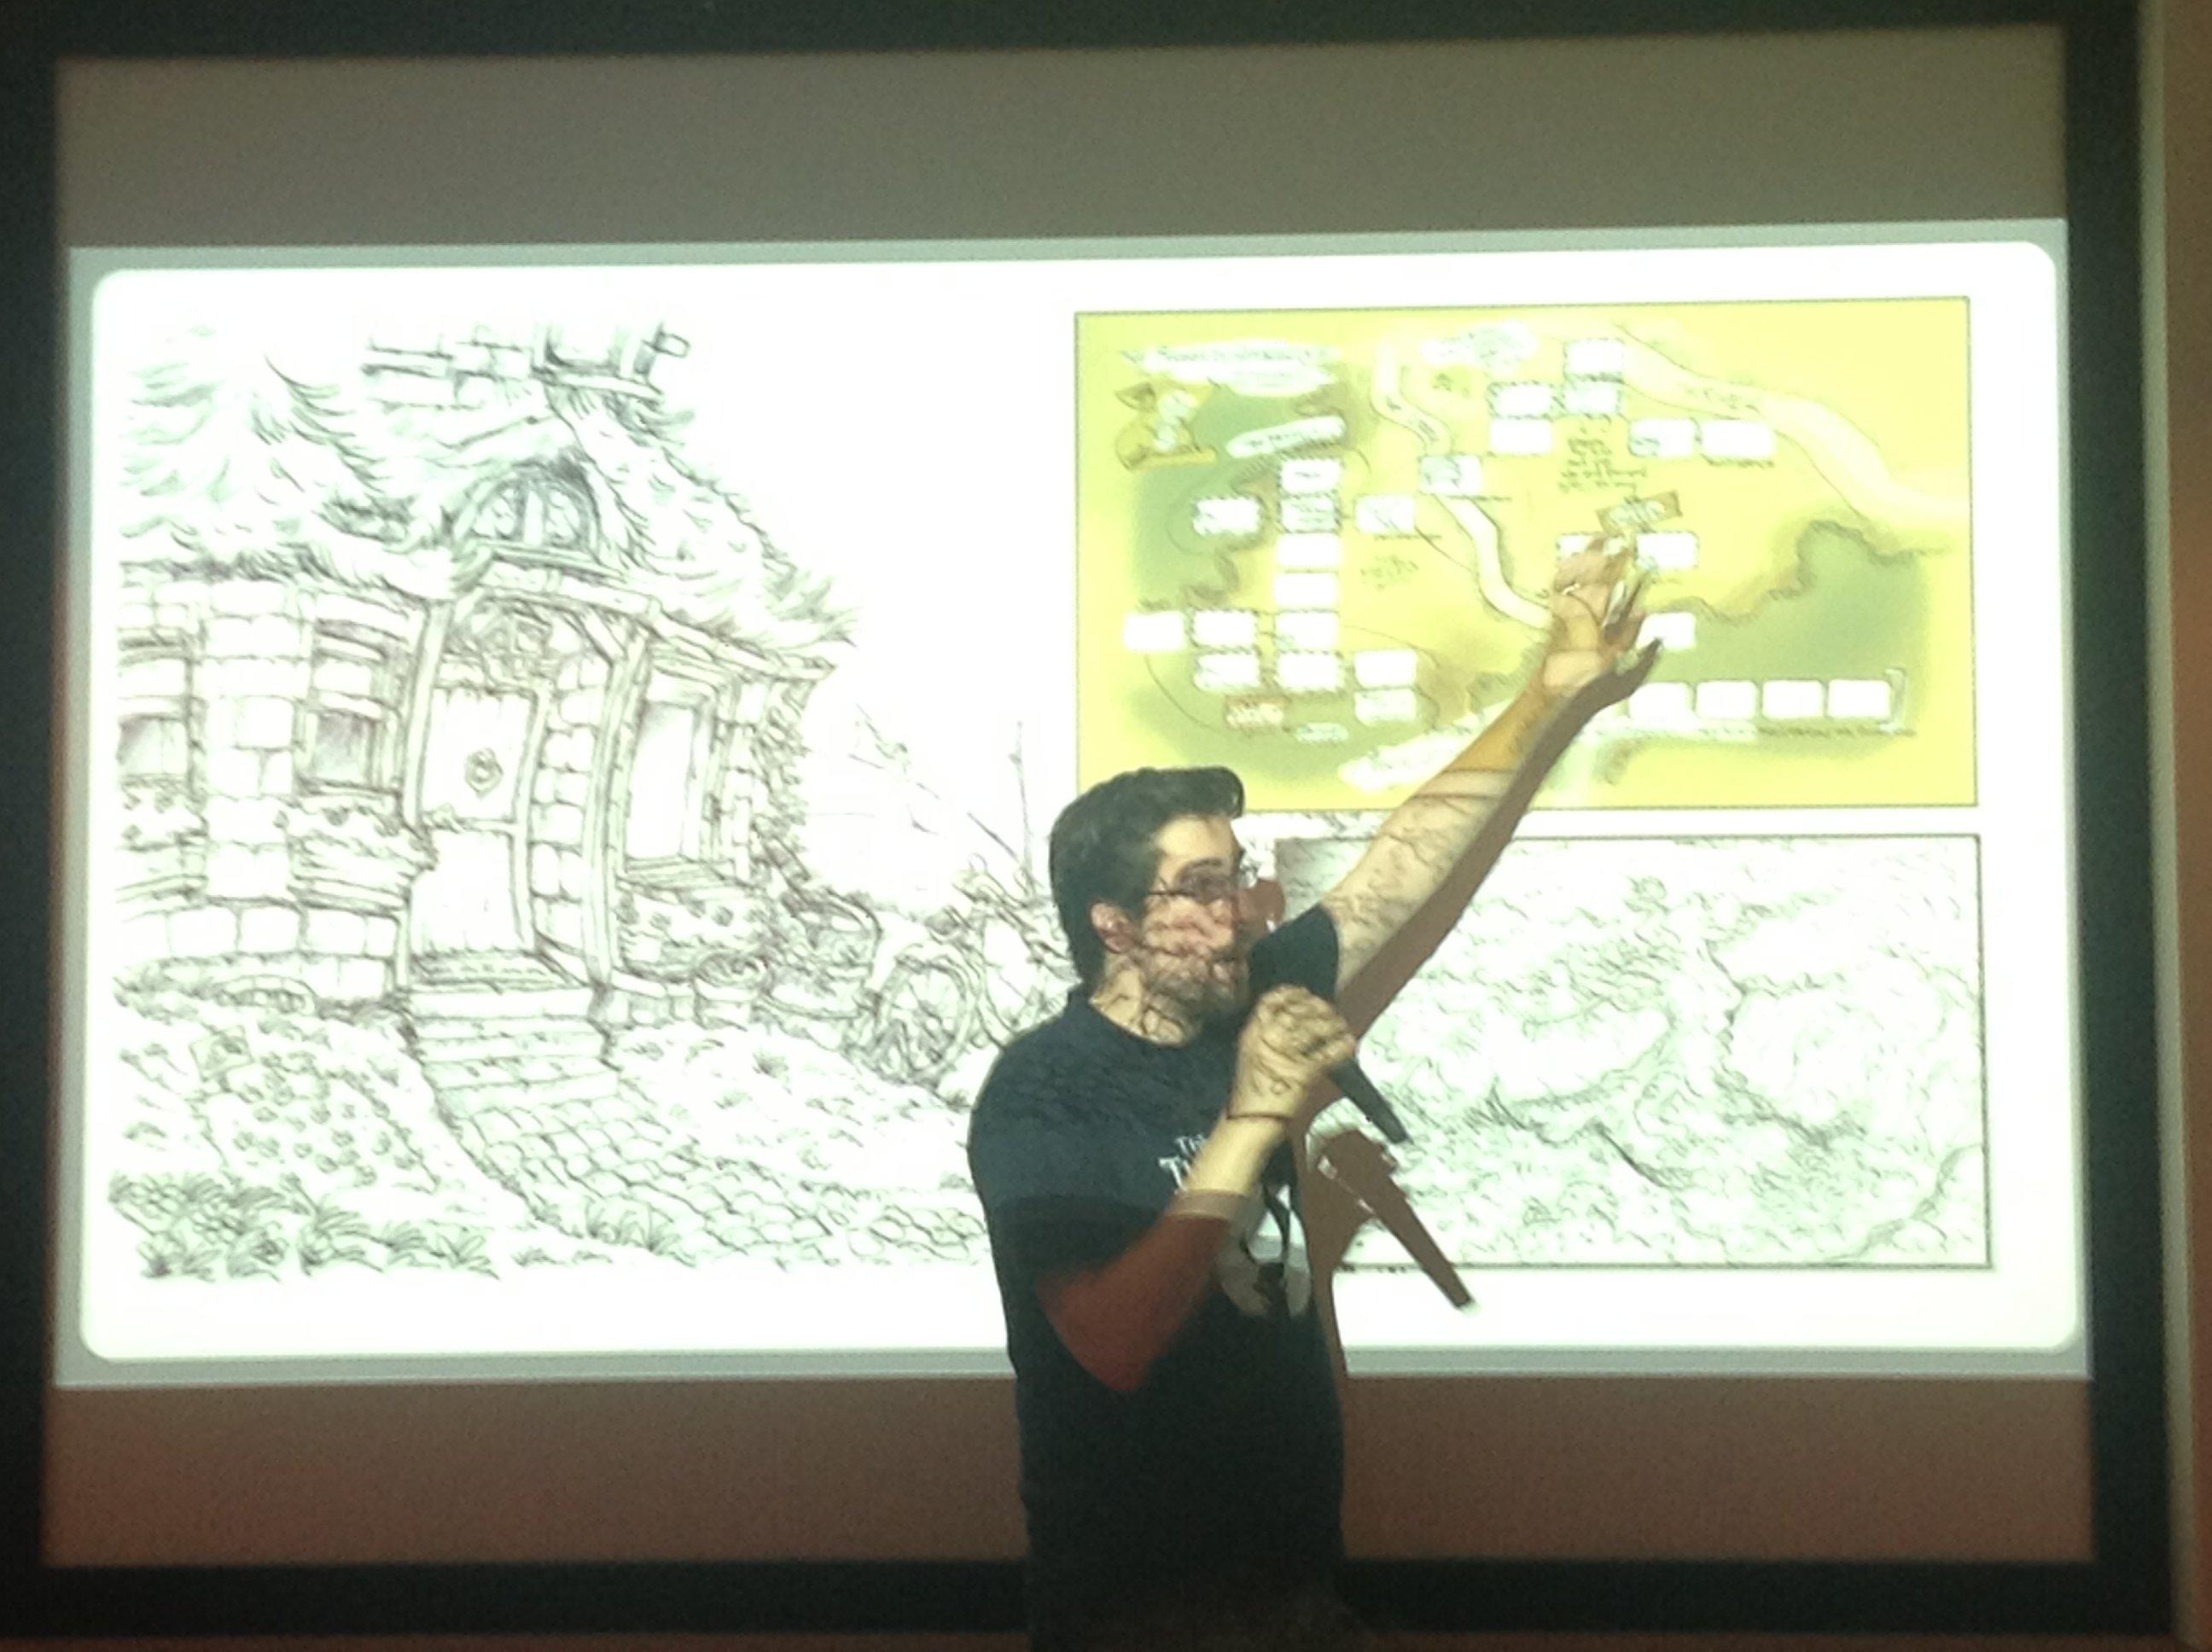 Сегодня в Киеве прошёл мастер-класс по разработке квестов от гейм-дизайнера/продюссера Матиаса Кемпке, который с пом ... - Изображение 1